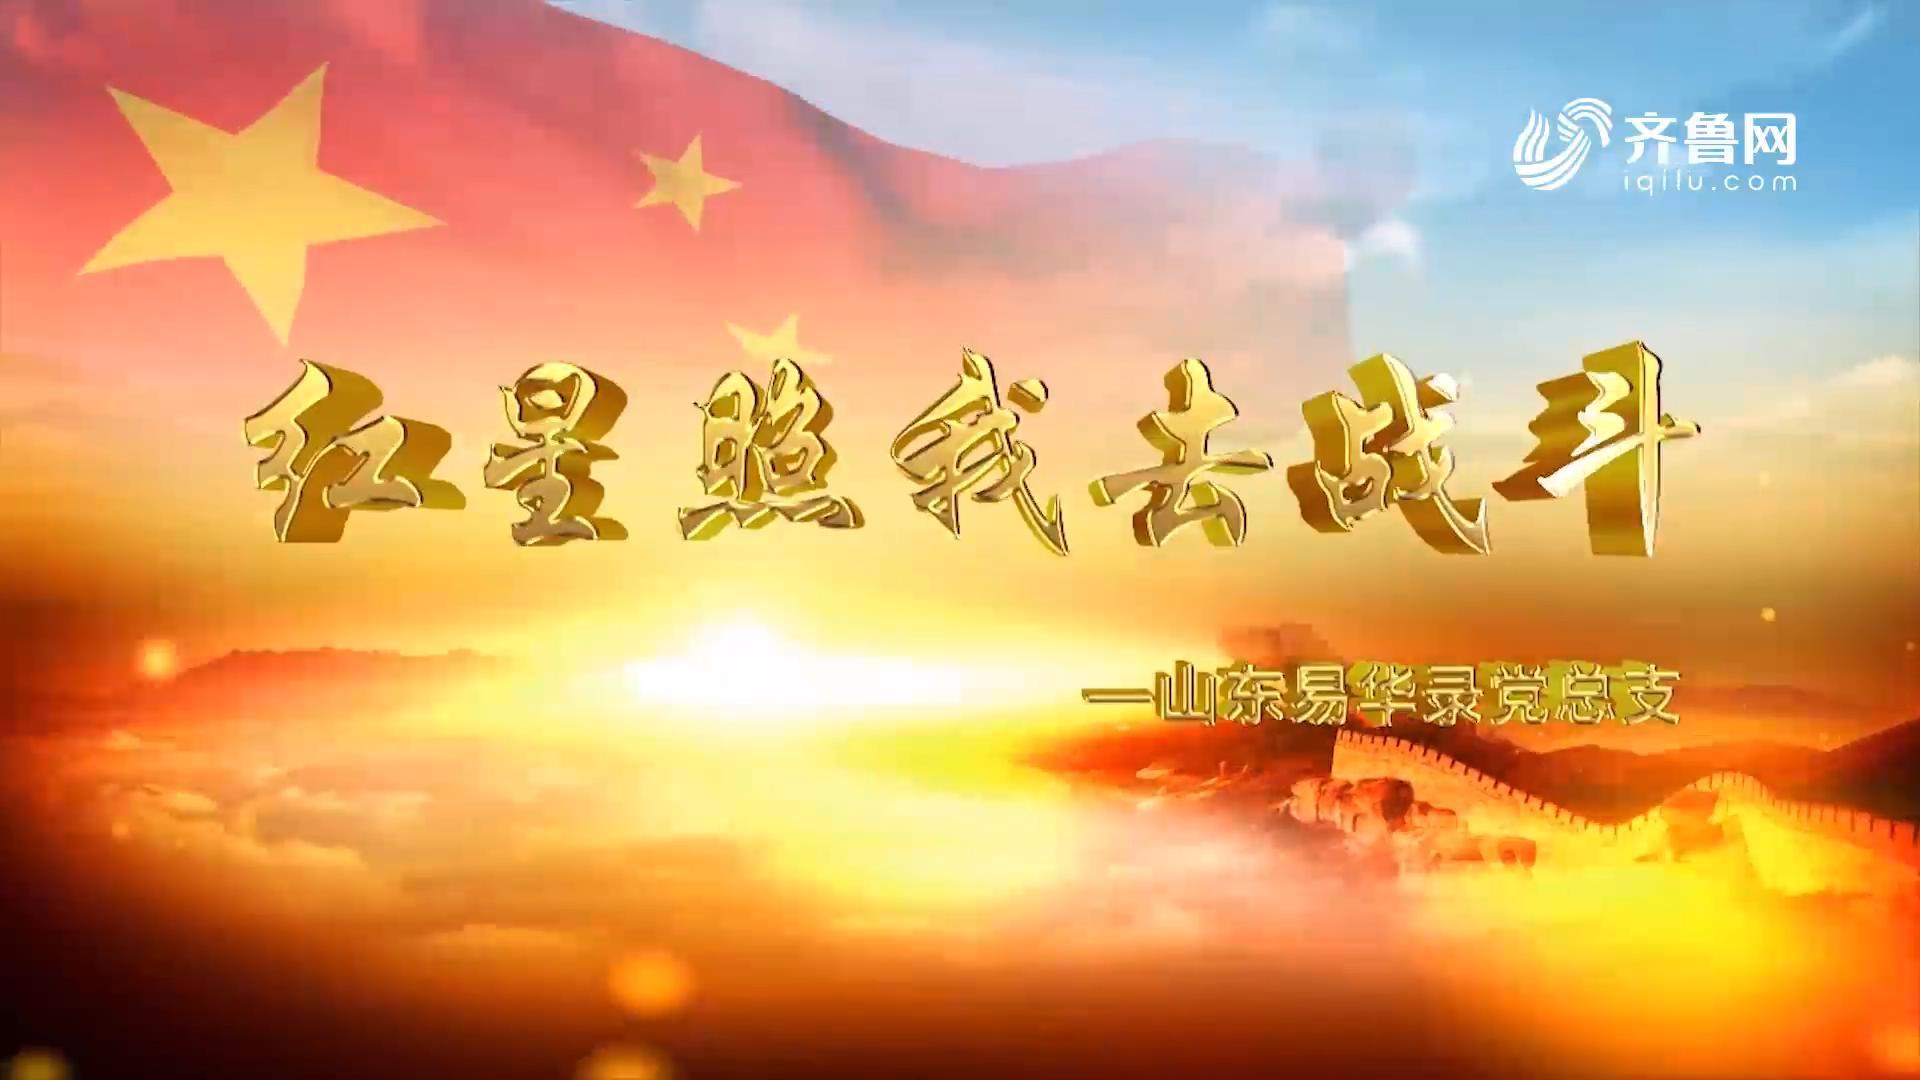 红星照我去战斗 易华录党总支